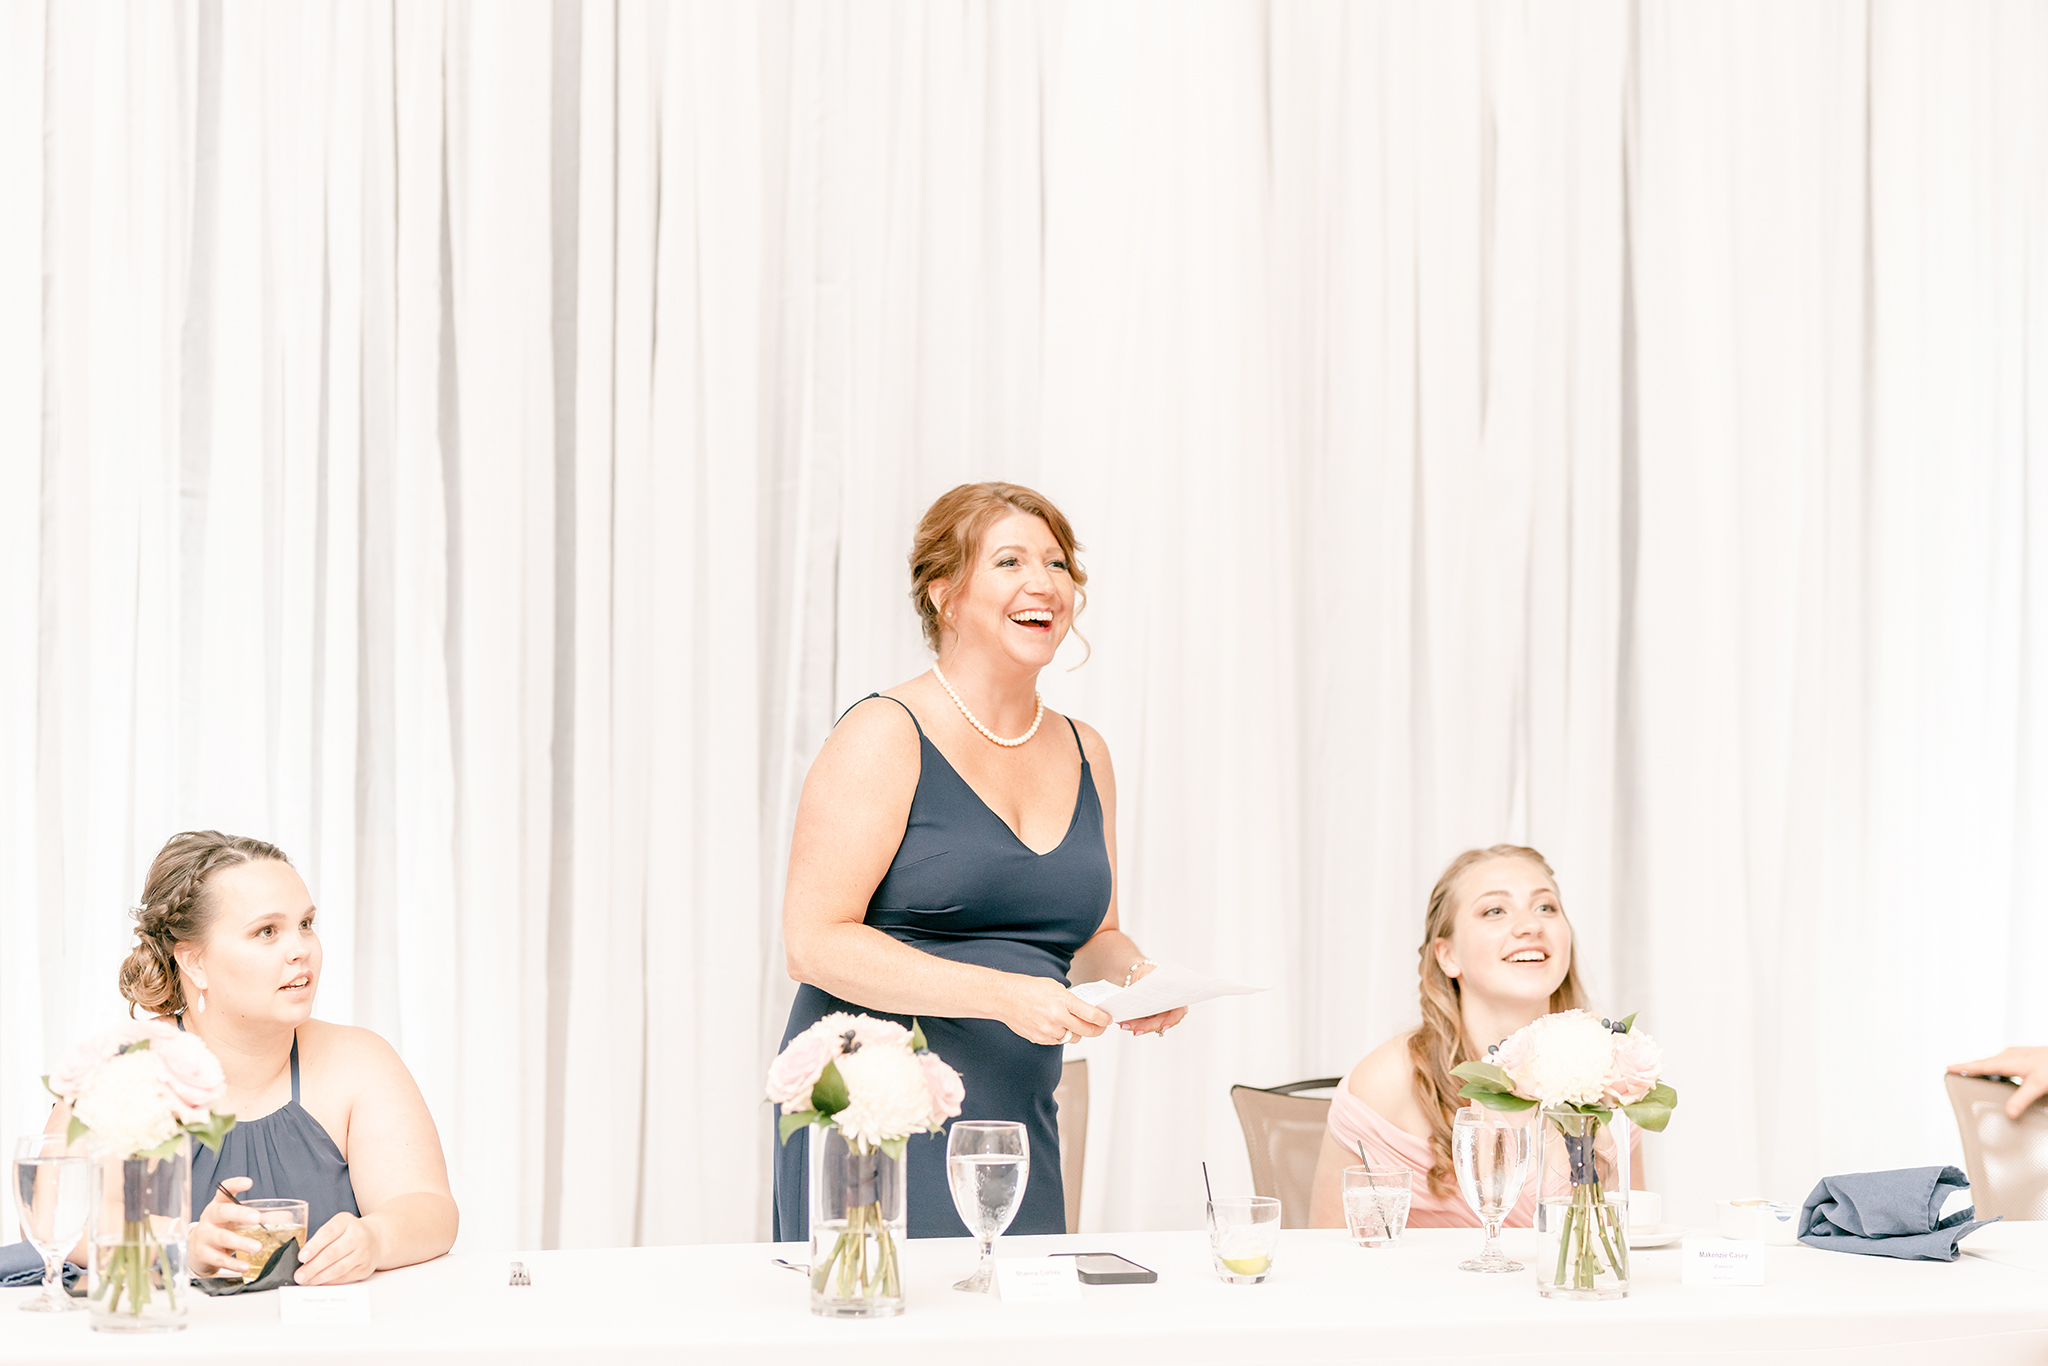 Lindsay-Adkins-Photography-FireKeepers-Casino-Wedding-Michigan-Wedding-Photographer